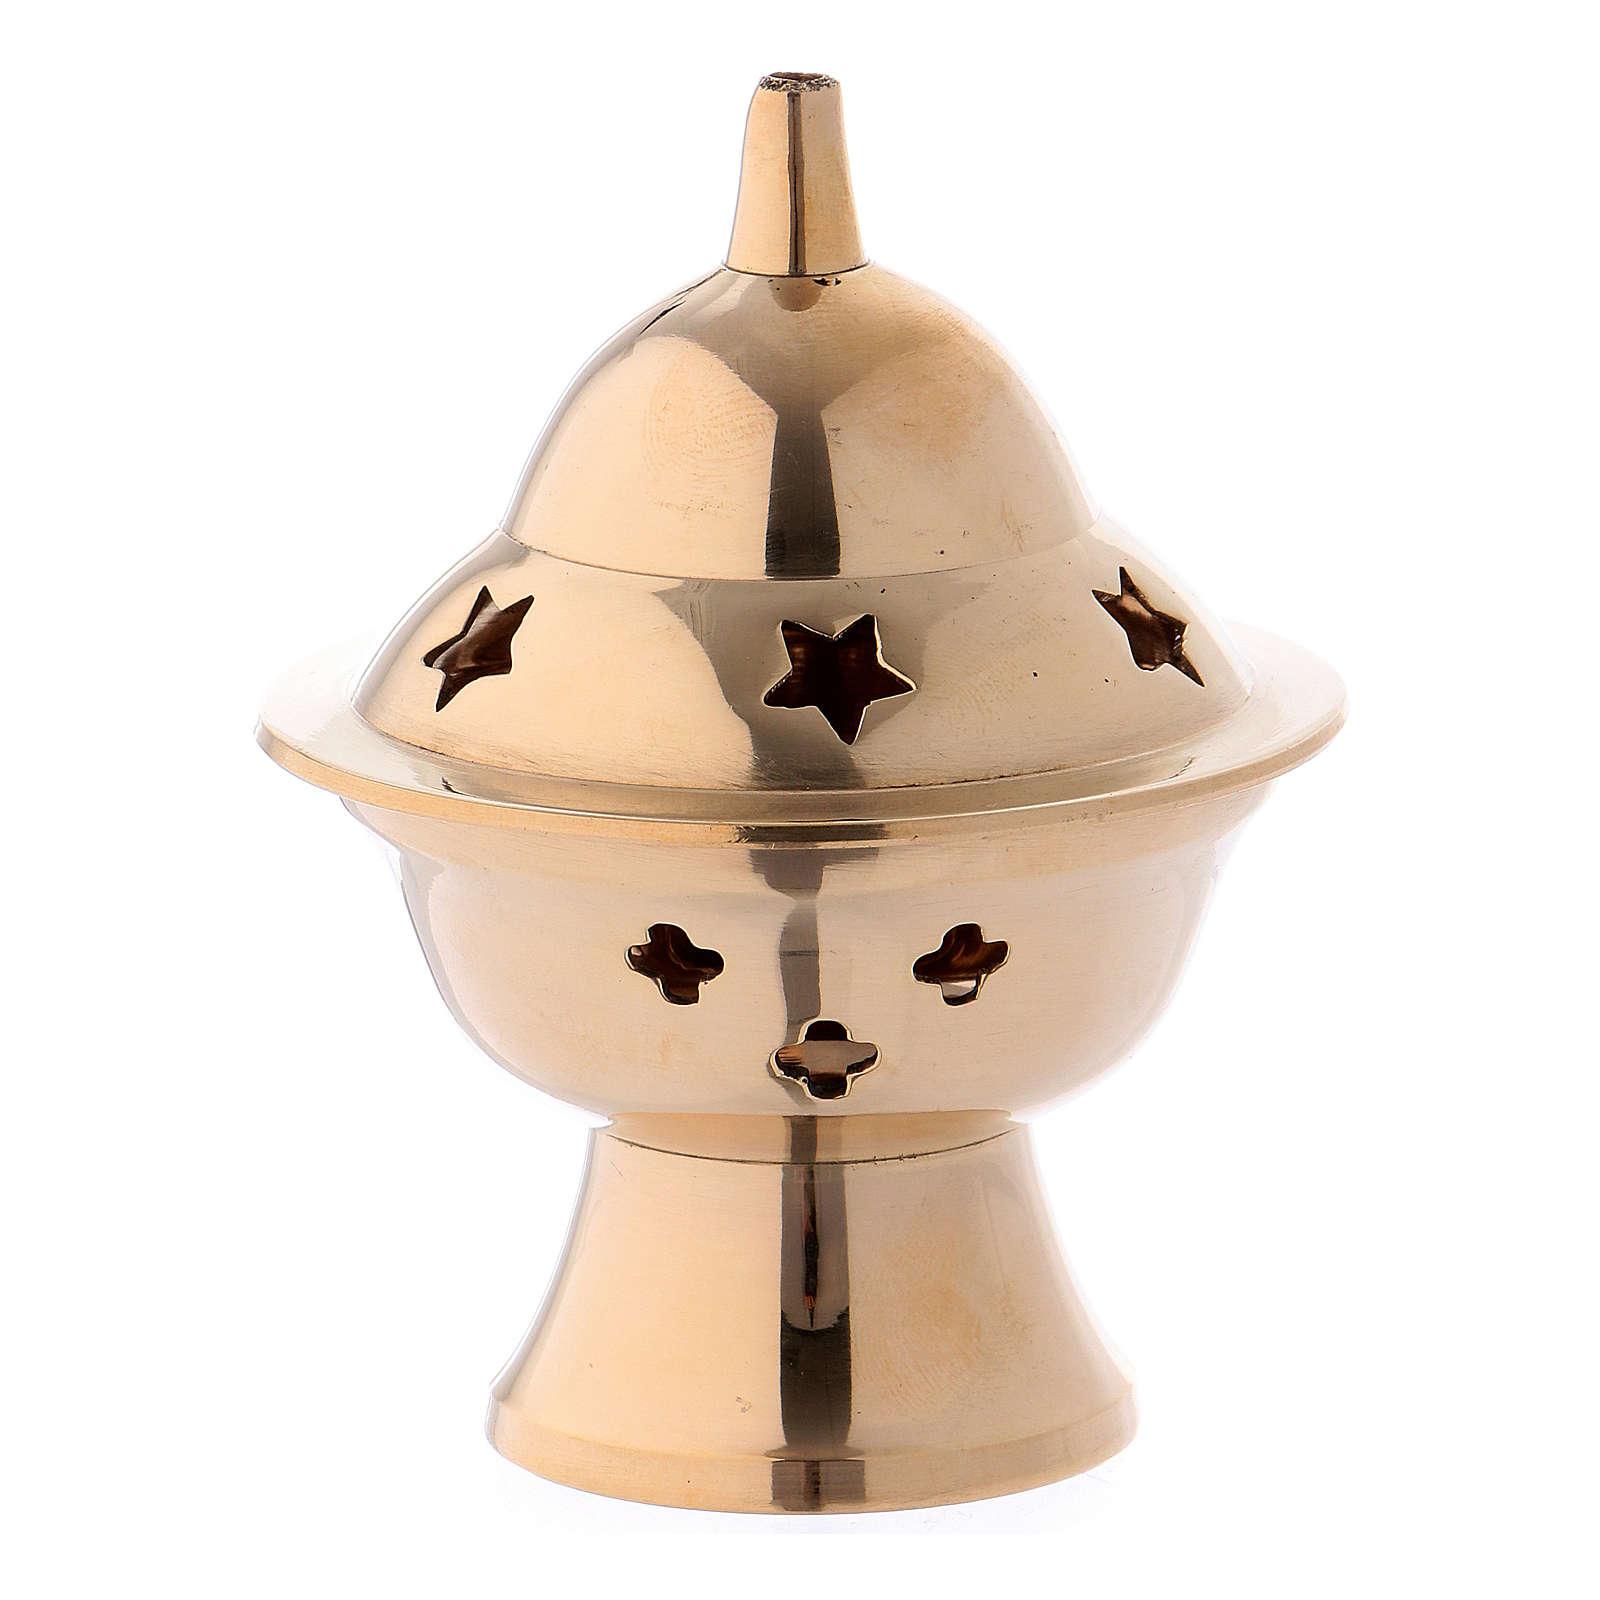 Kadzielniczka domowa stołowa z mosiądzu pozłacanego h 8 cm 3